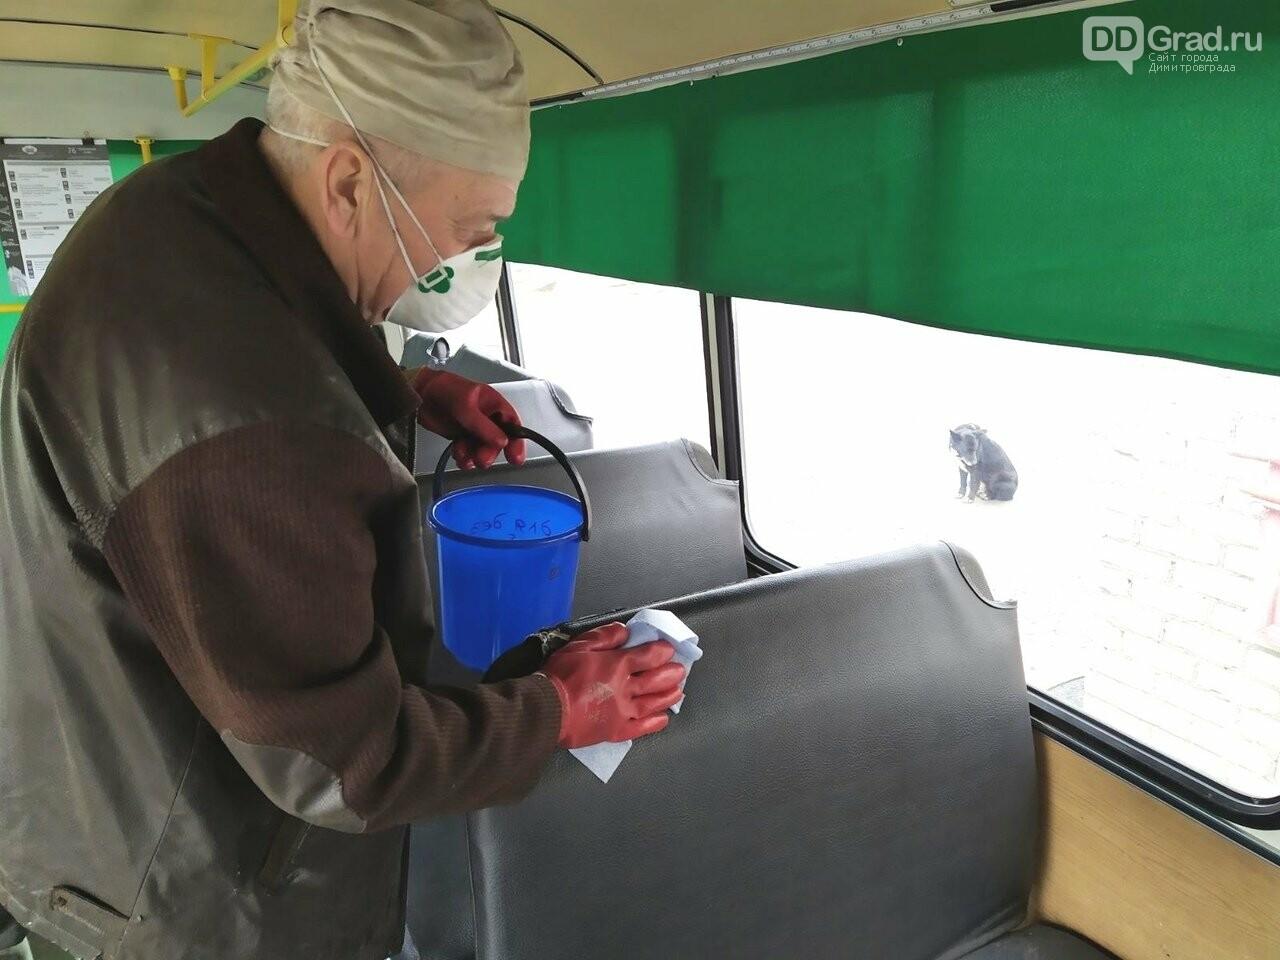 Общественный транспорт дезинфицируют дважды в день, фото-4